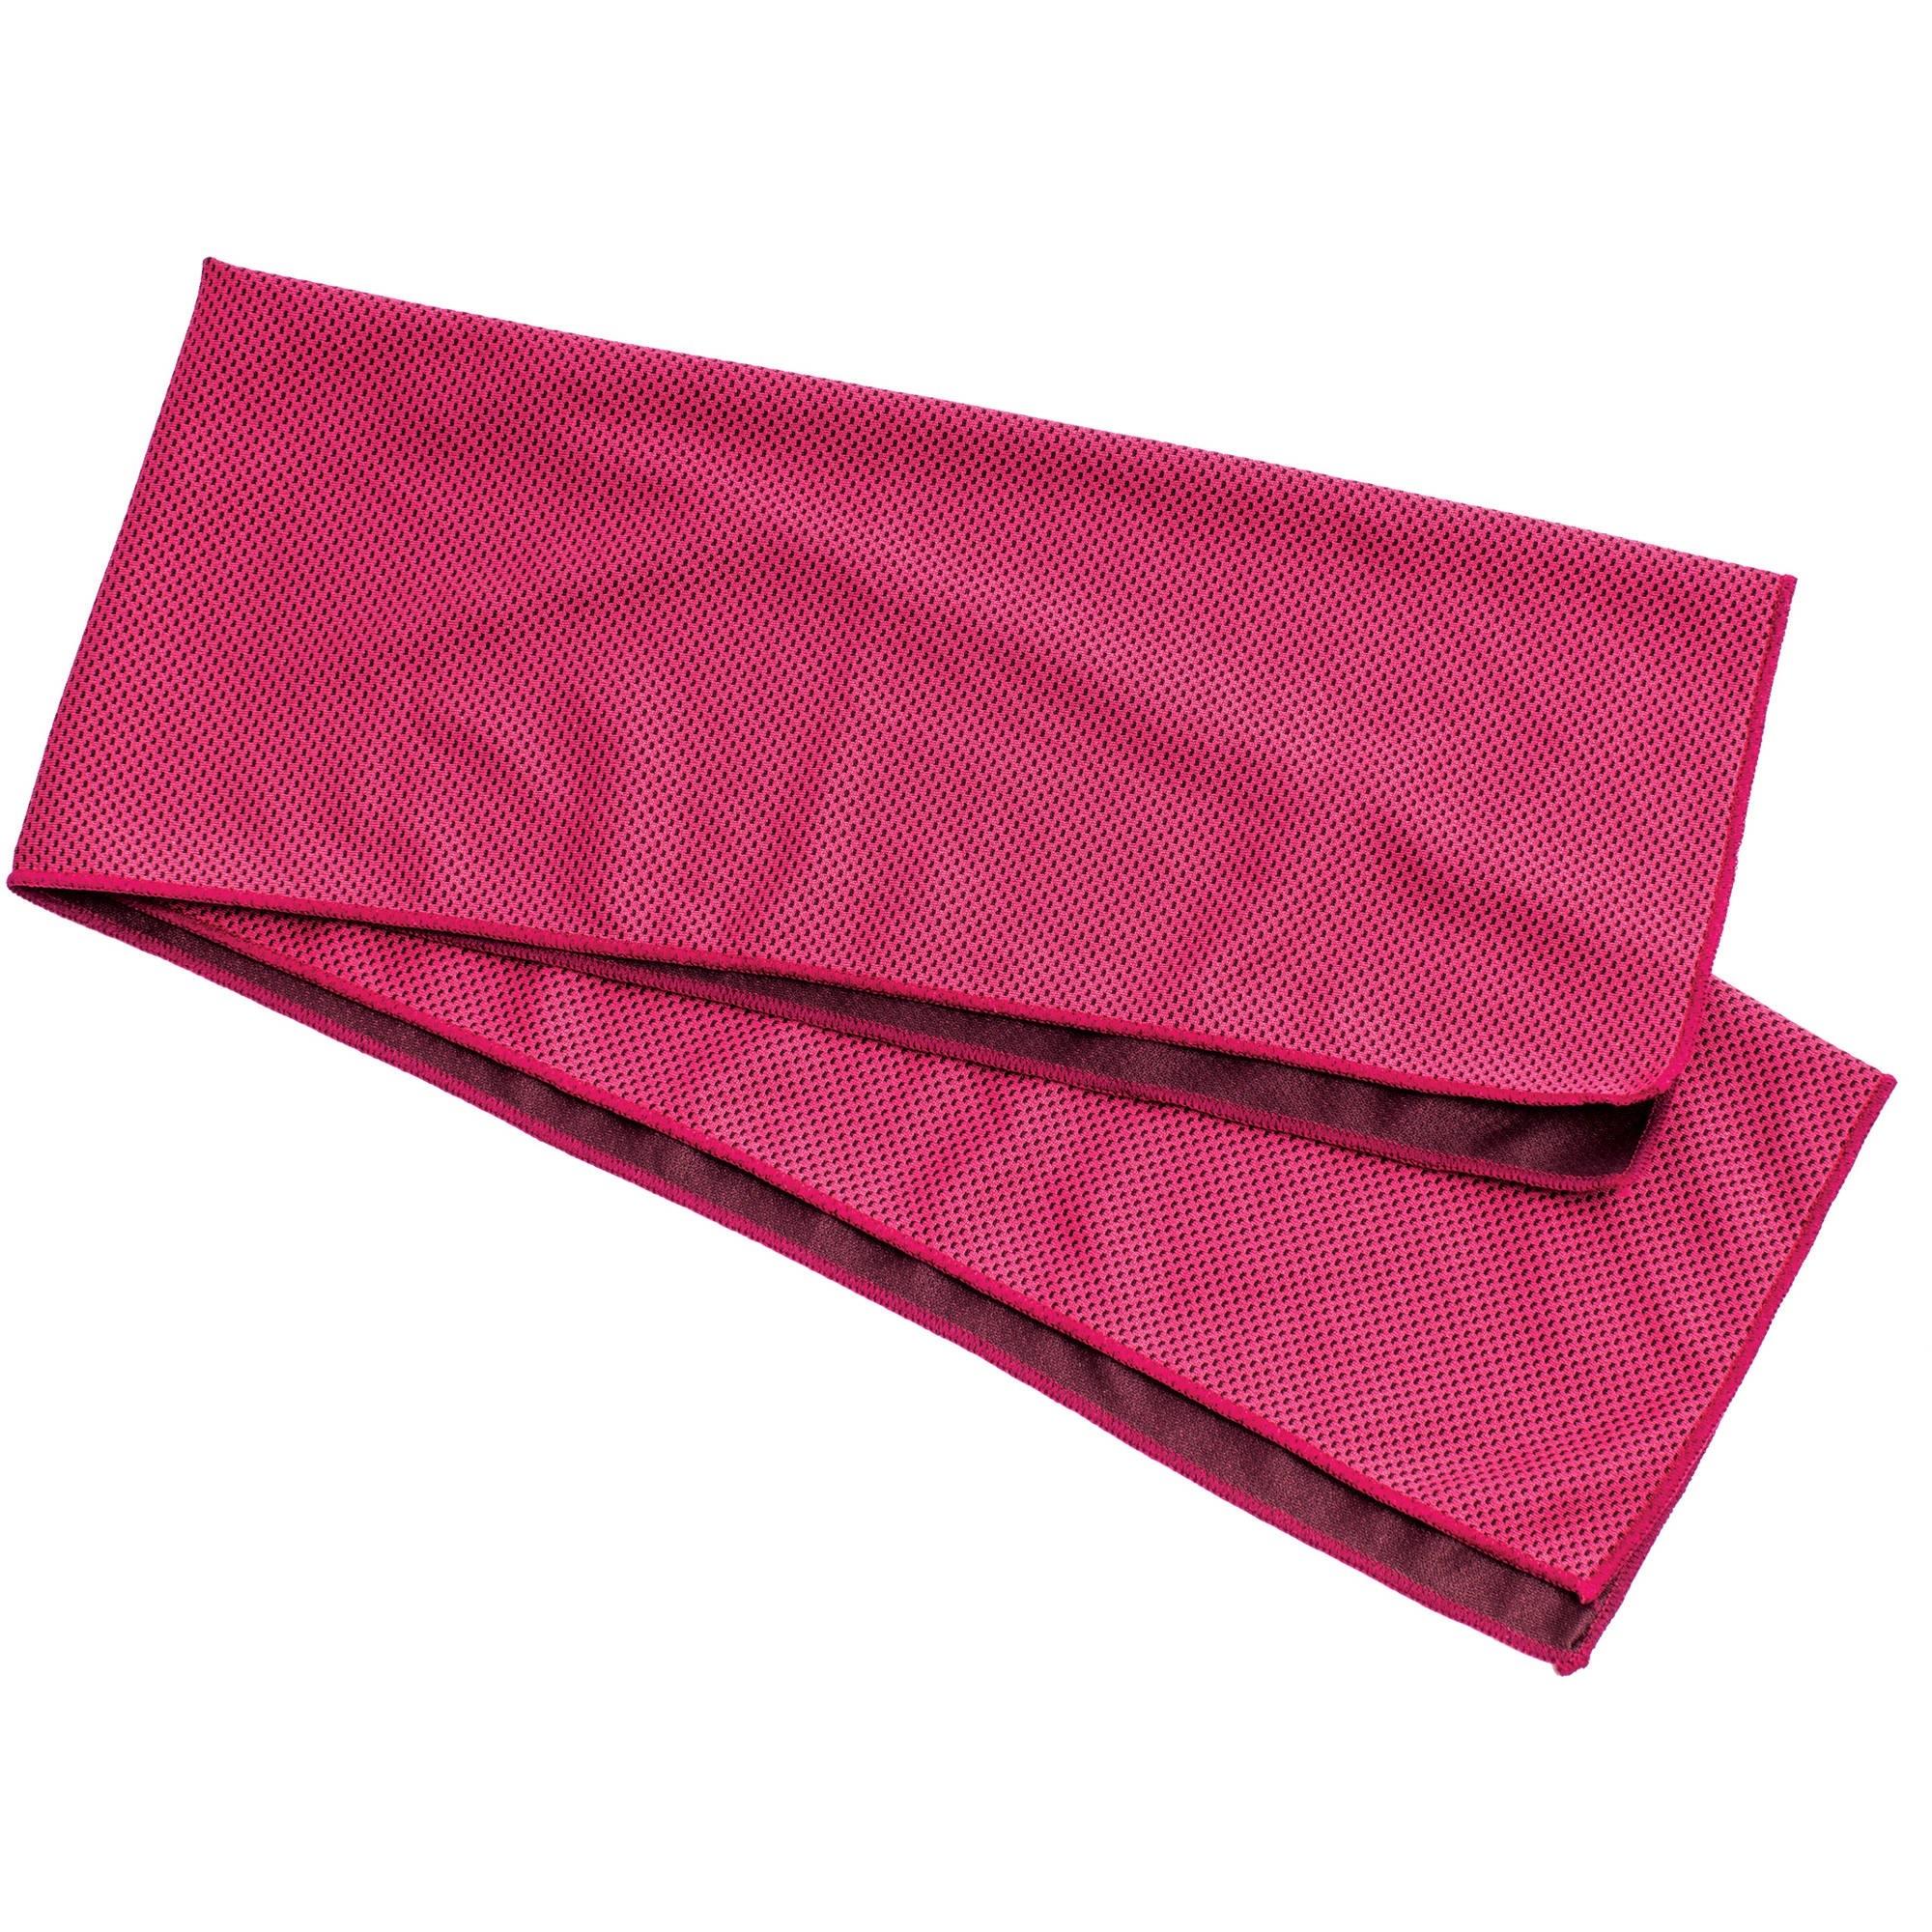 Perfect Fitness Cooling Towel - Verkoelende Handdoek - Roze